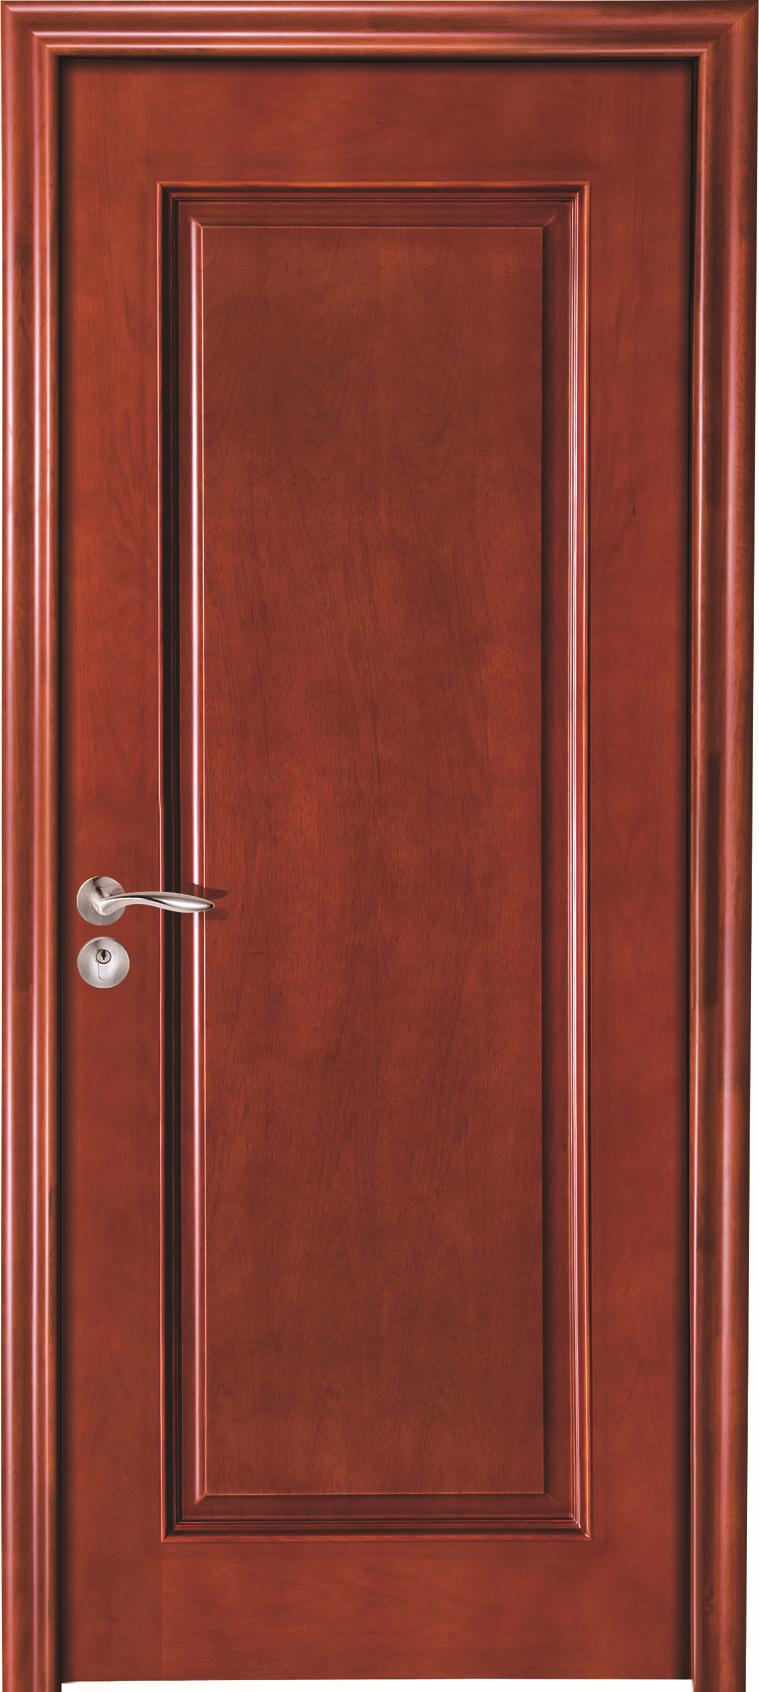 Porte de chambre prix for Porte de chambre en bois